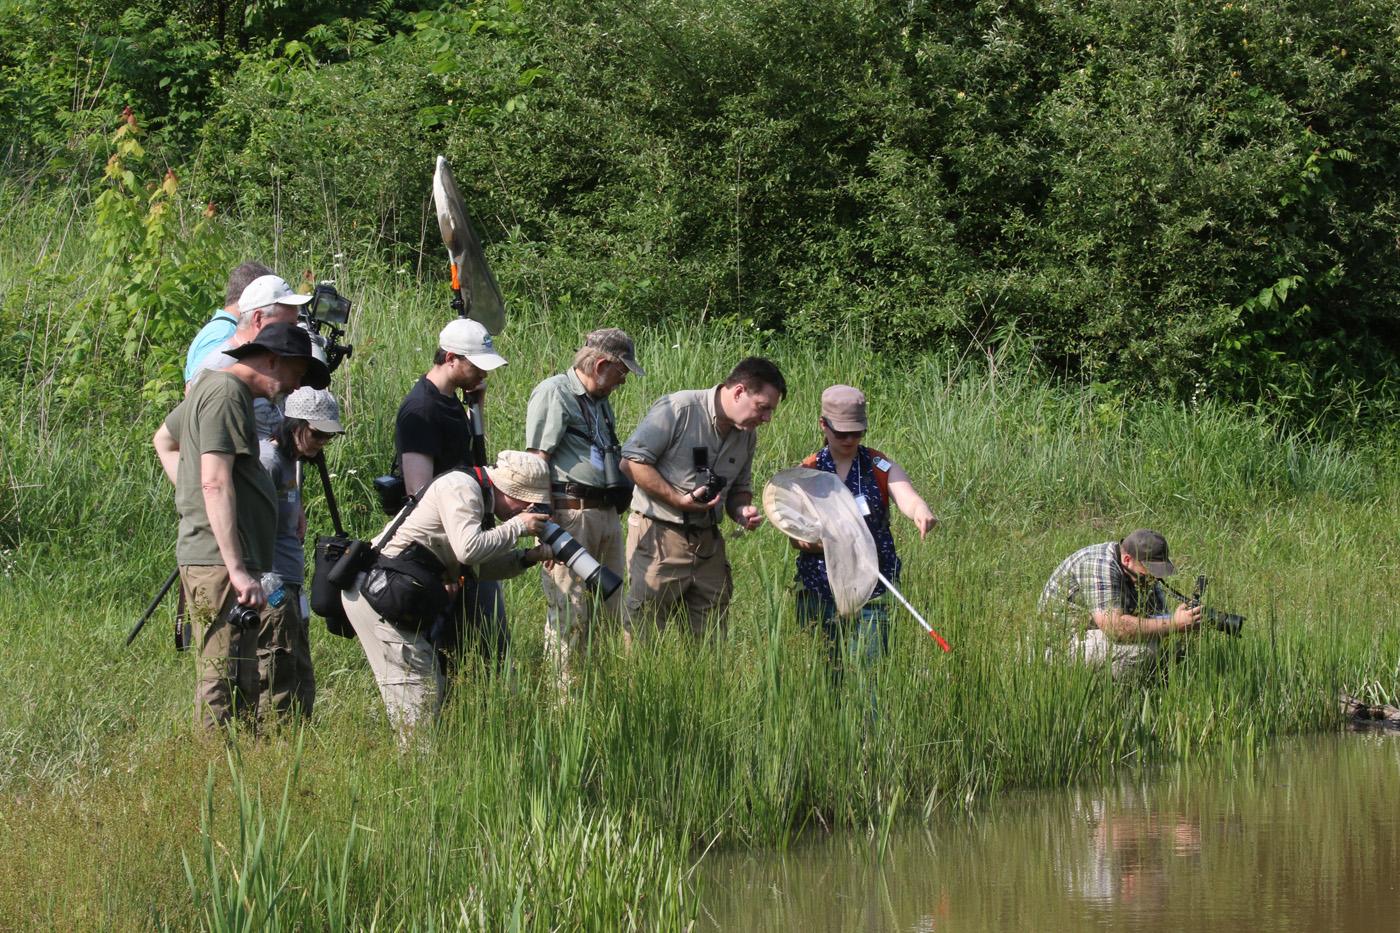 Odo-con field trip at Cooper Hollow